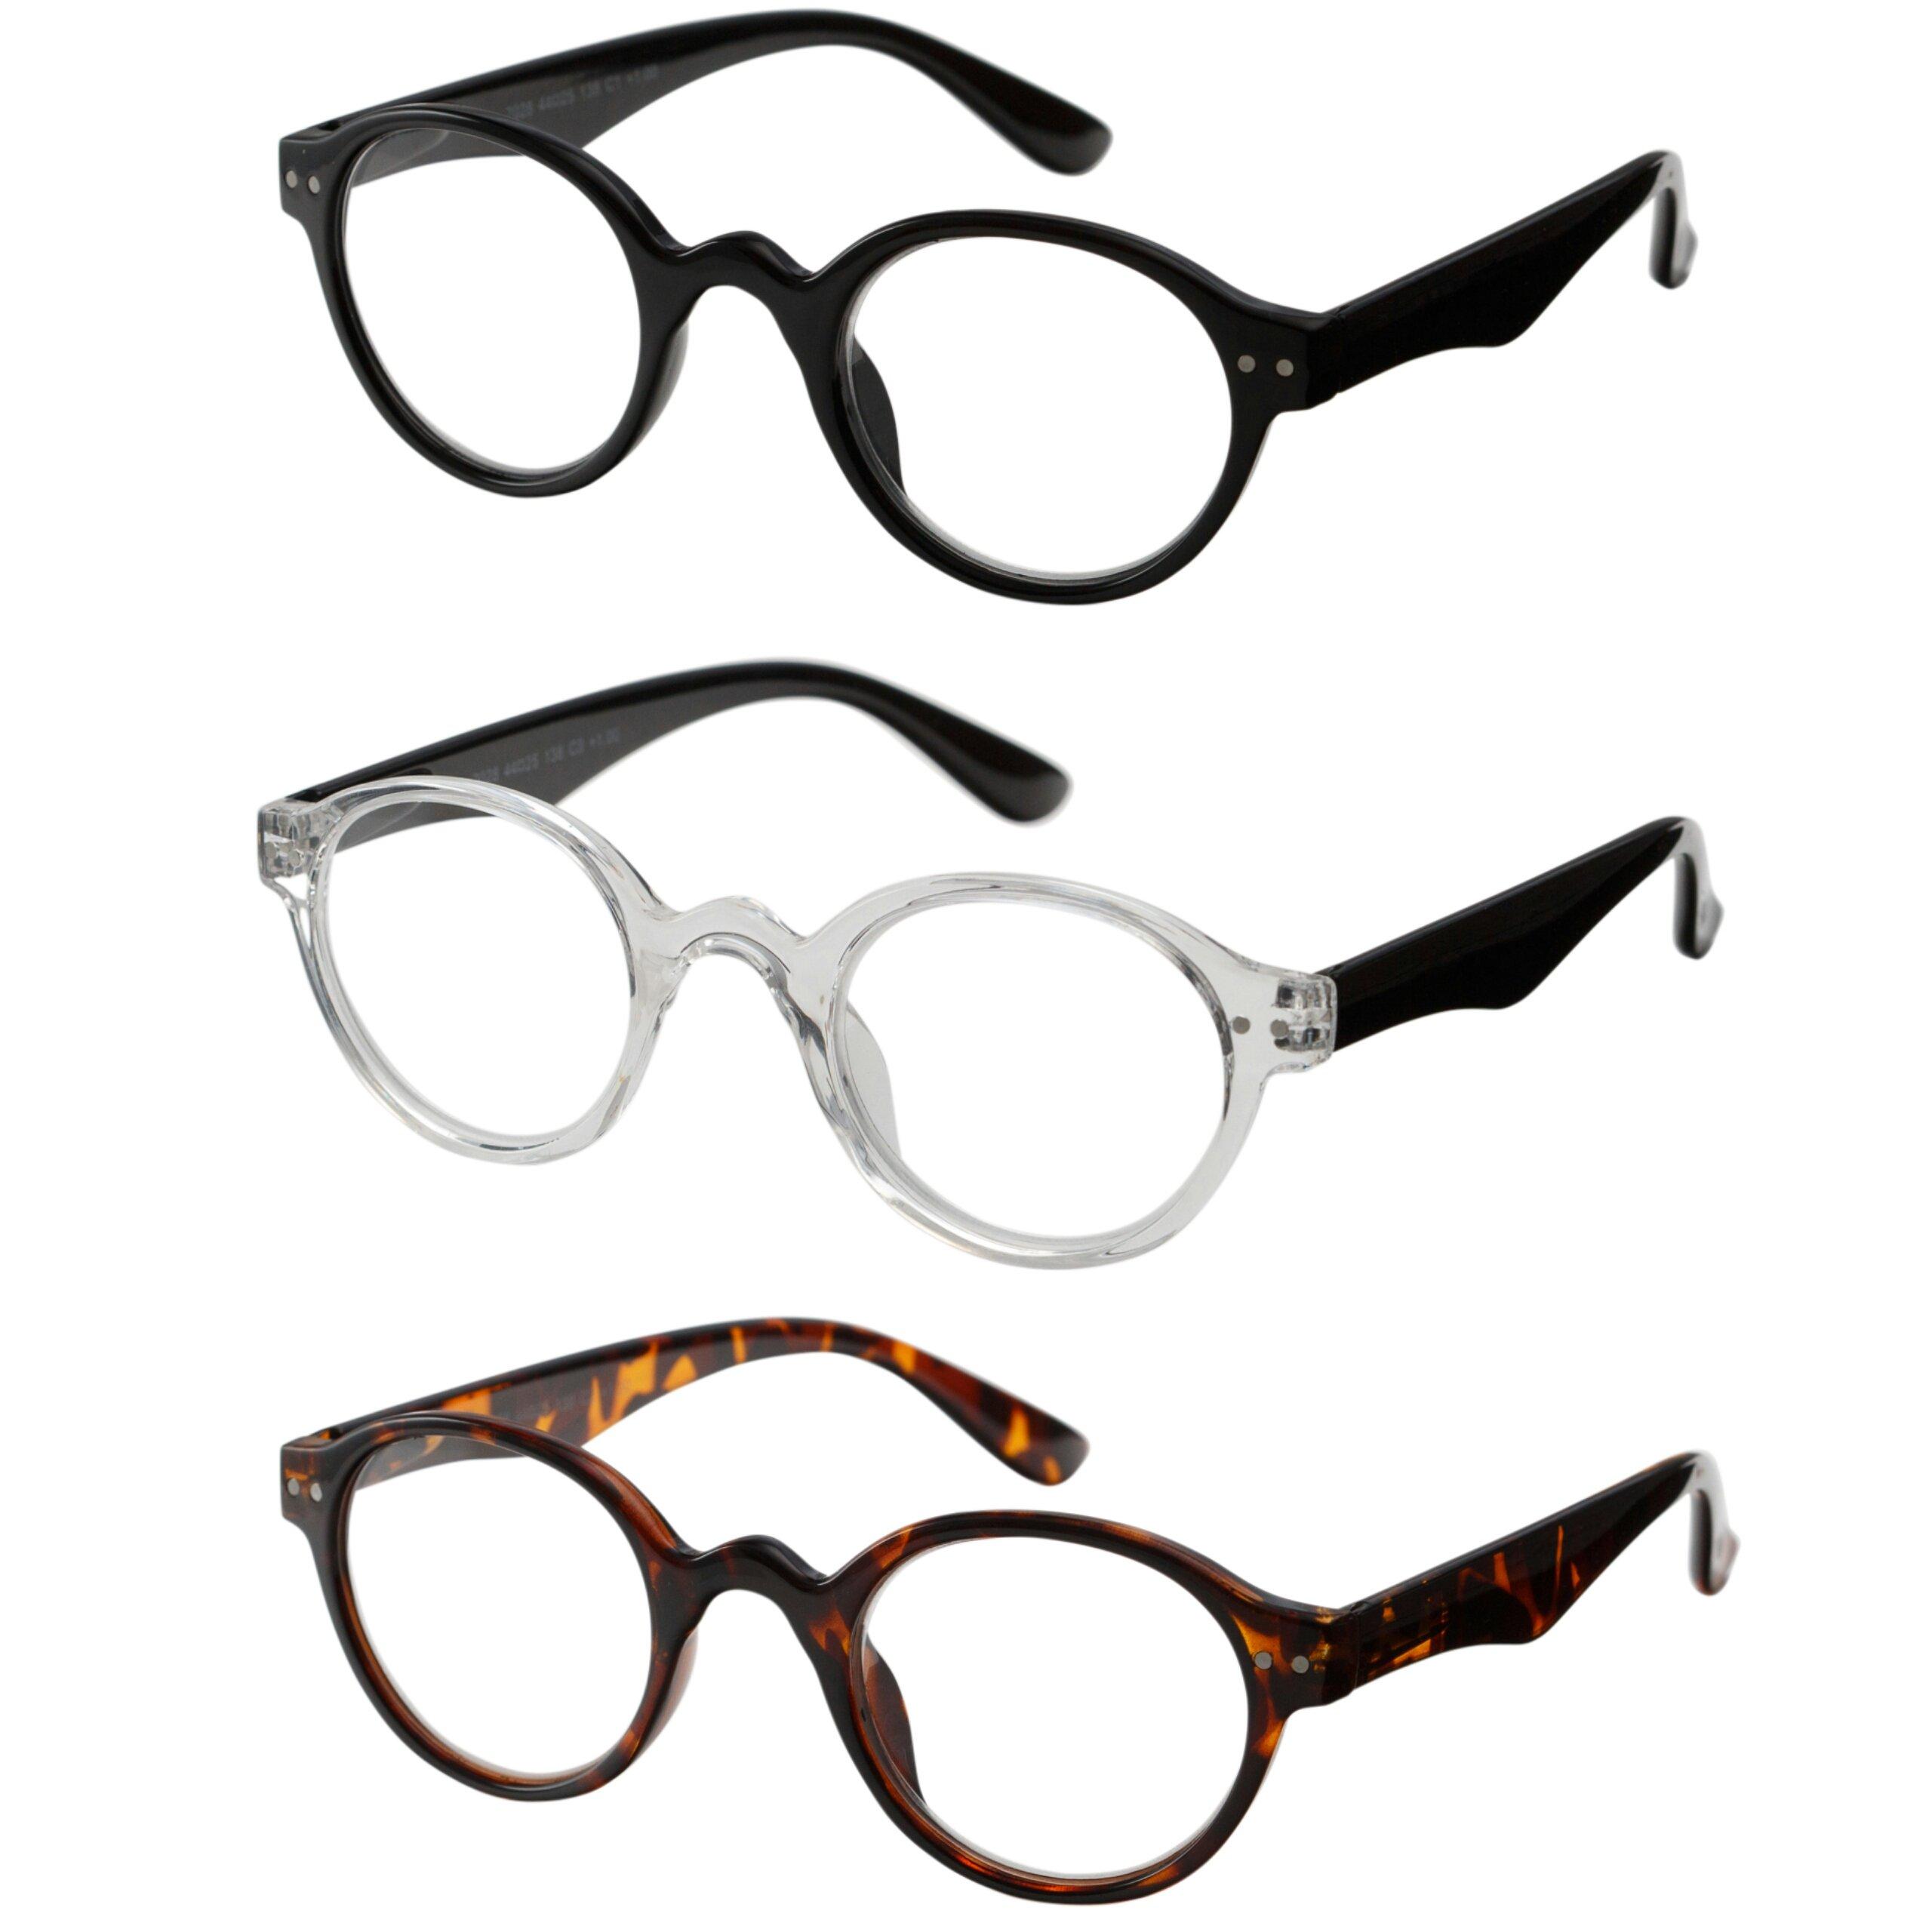 Reading Glasses 3 Pair Spring Hinge Professer Readers for Men and Women Fashion Glasses for Reading +1.5